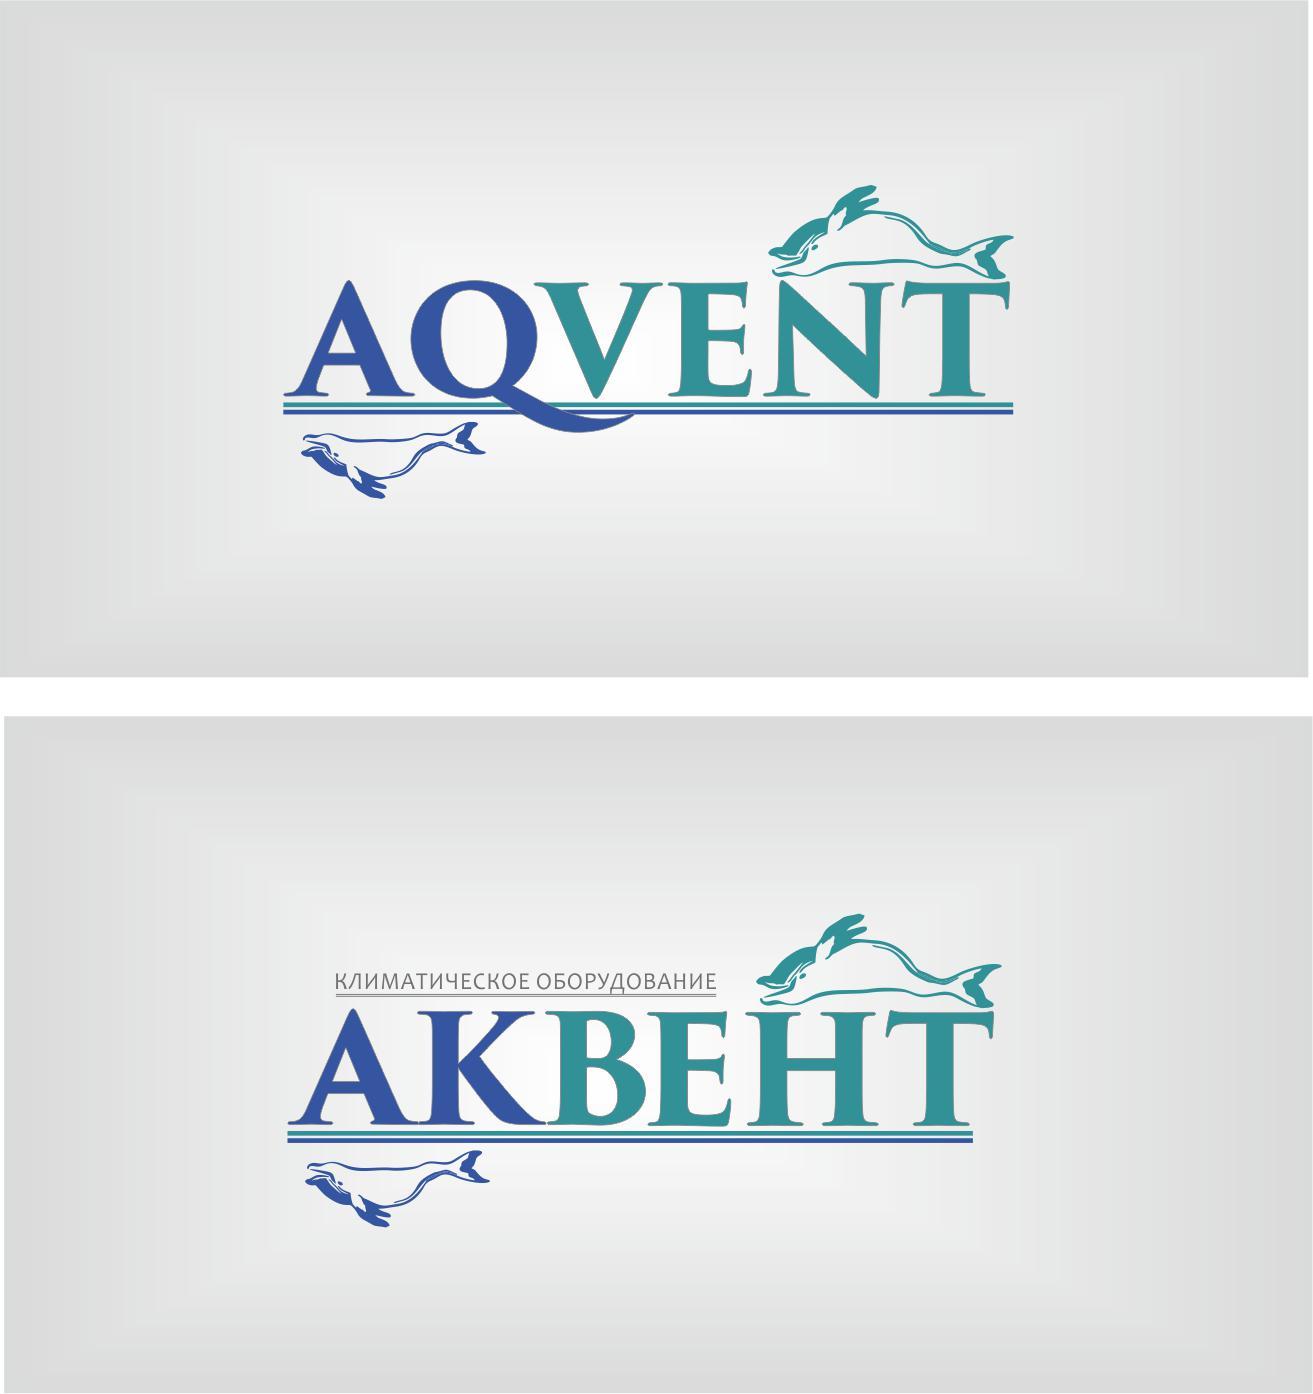 Логотип AQVENT фото f_6735281dc65a69ed.jpg